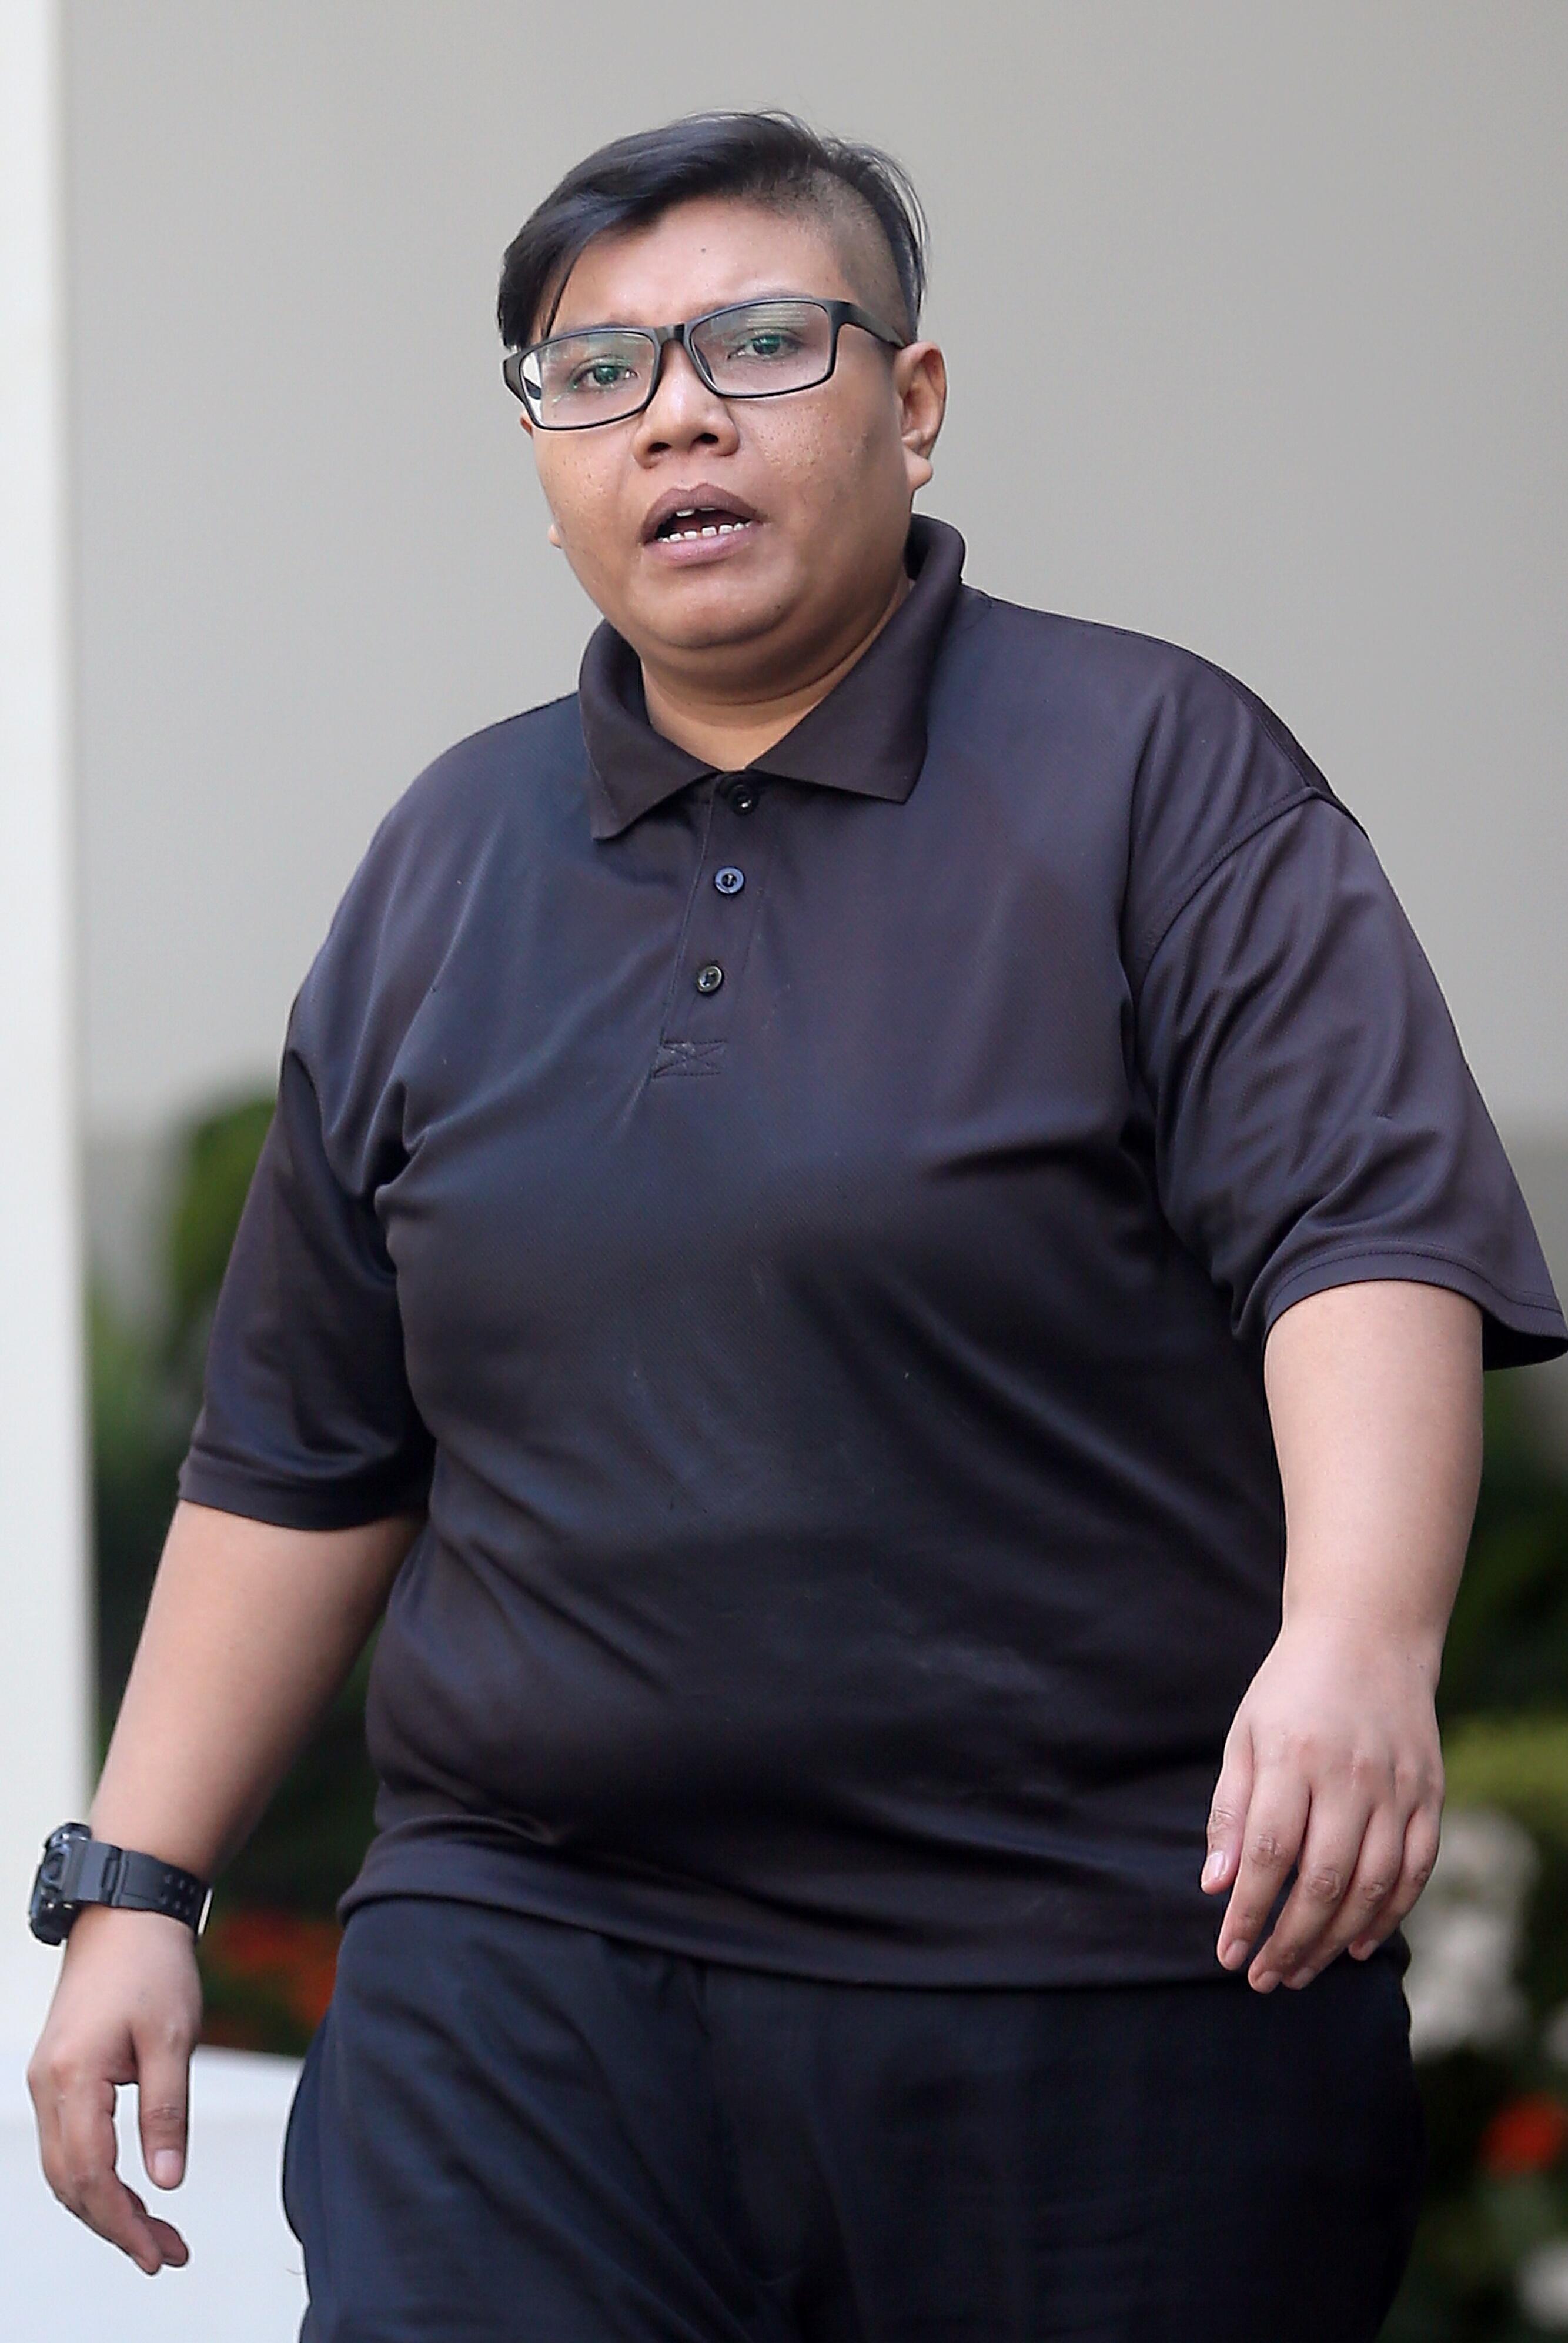 新加坡停车管理存在漏洞女停车管理员为交差竟一个月内连开30张罚单